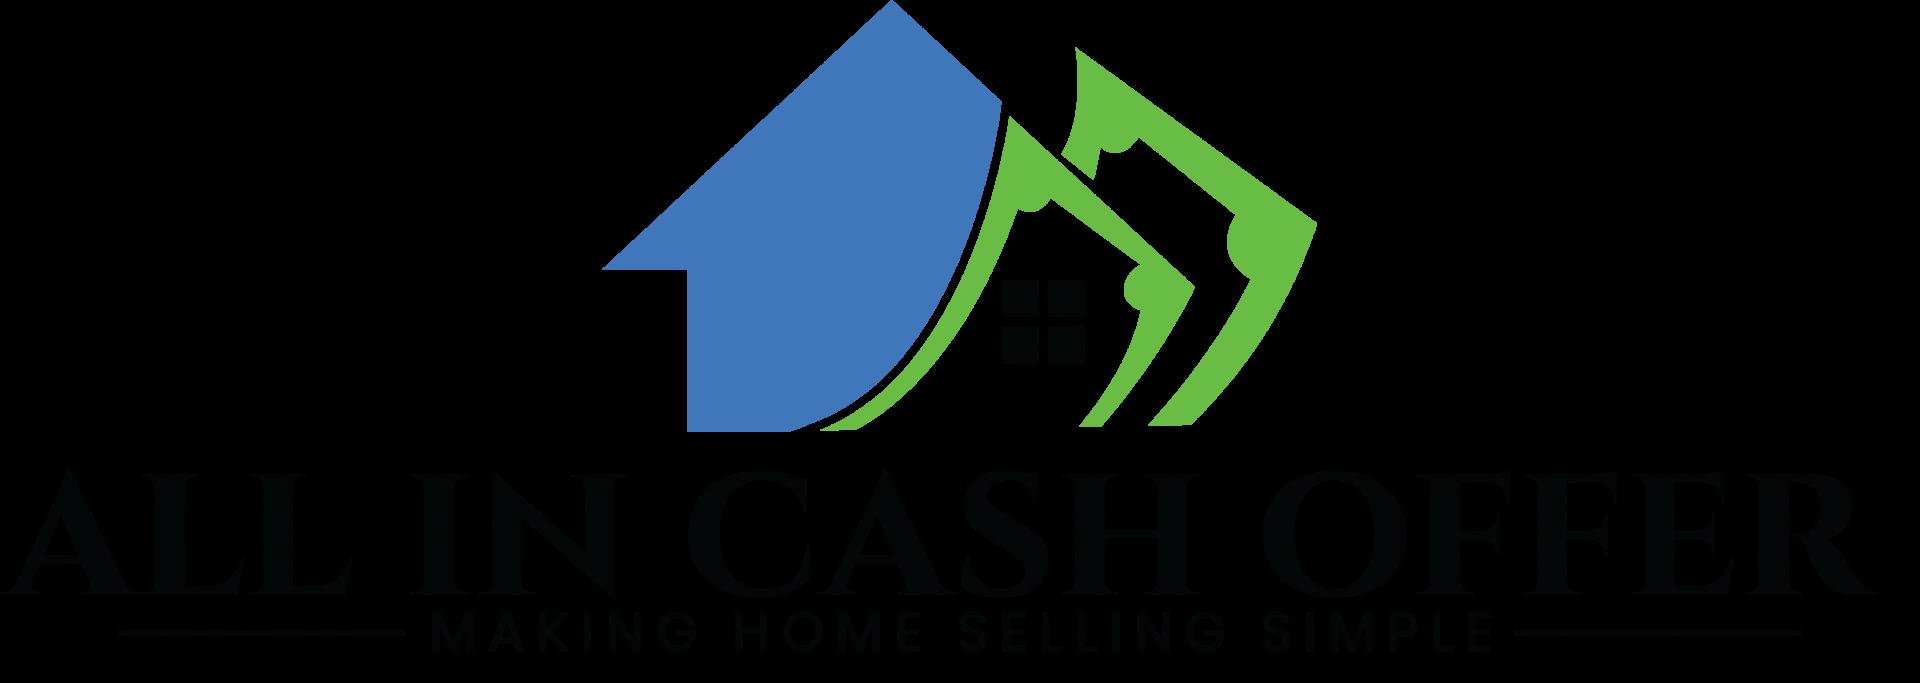 All In Cash Offer logo